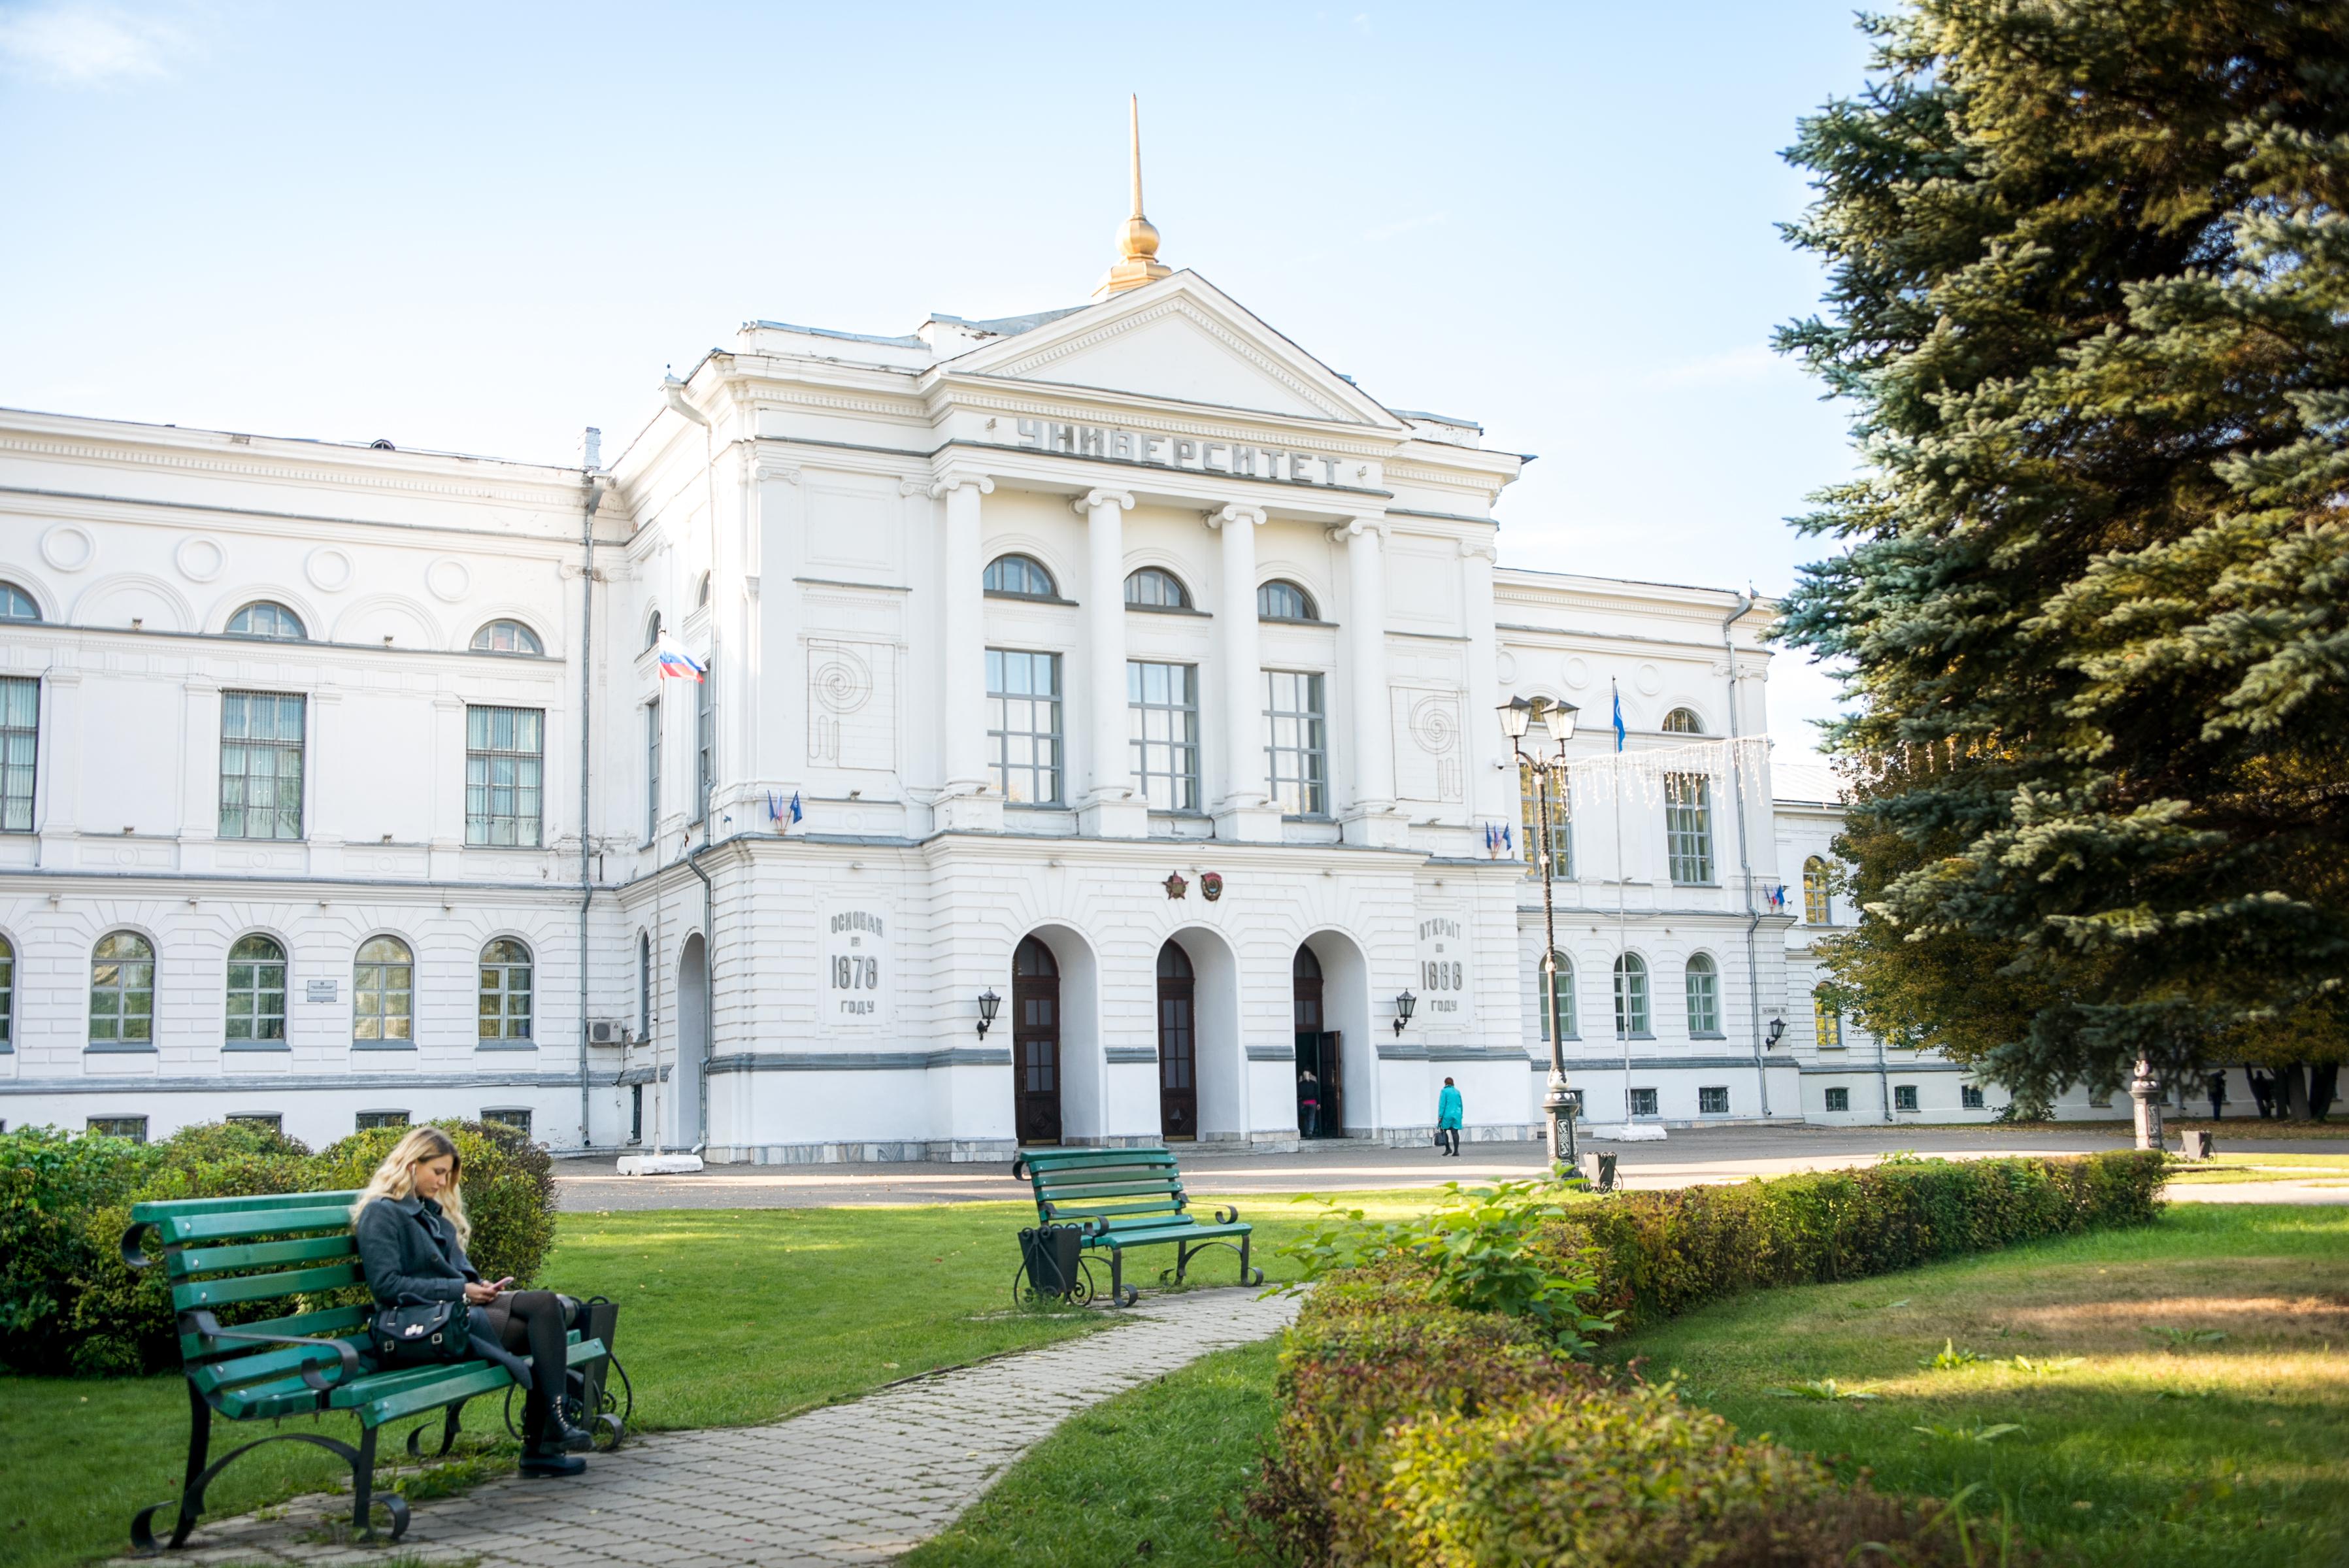 ТГУ и Университетская роща